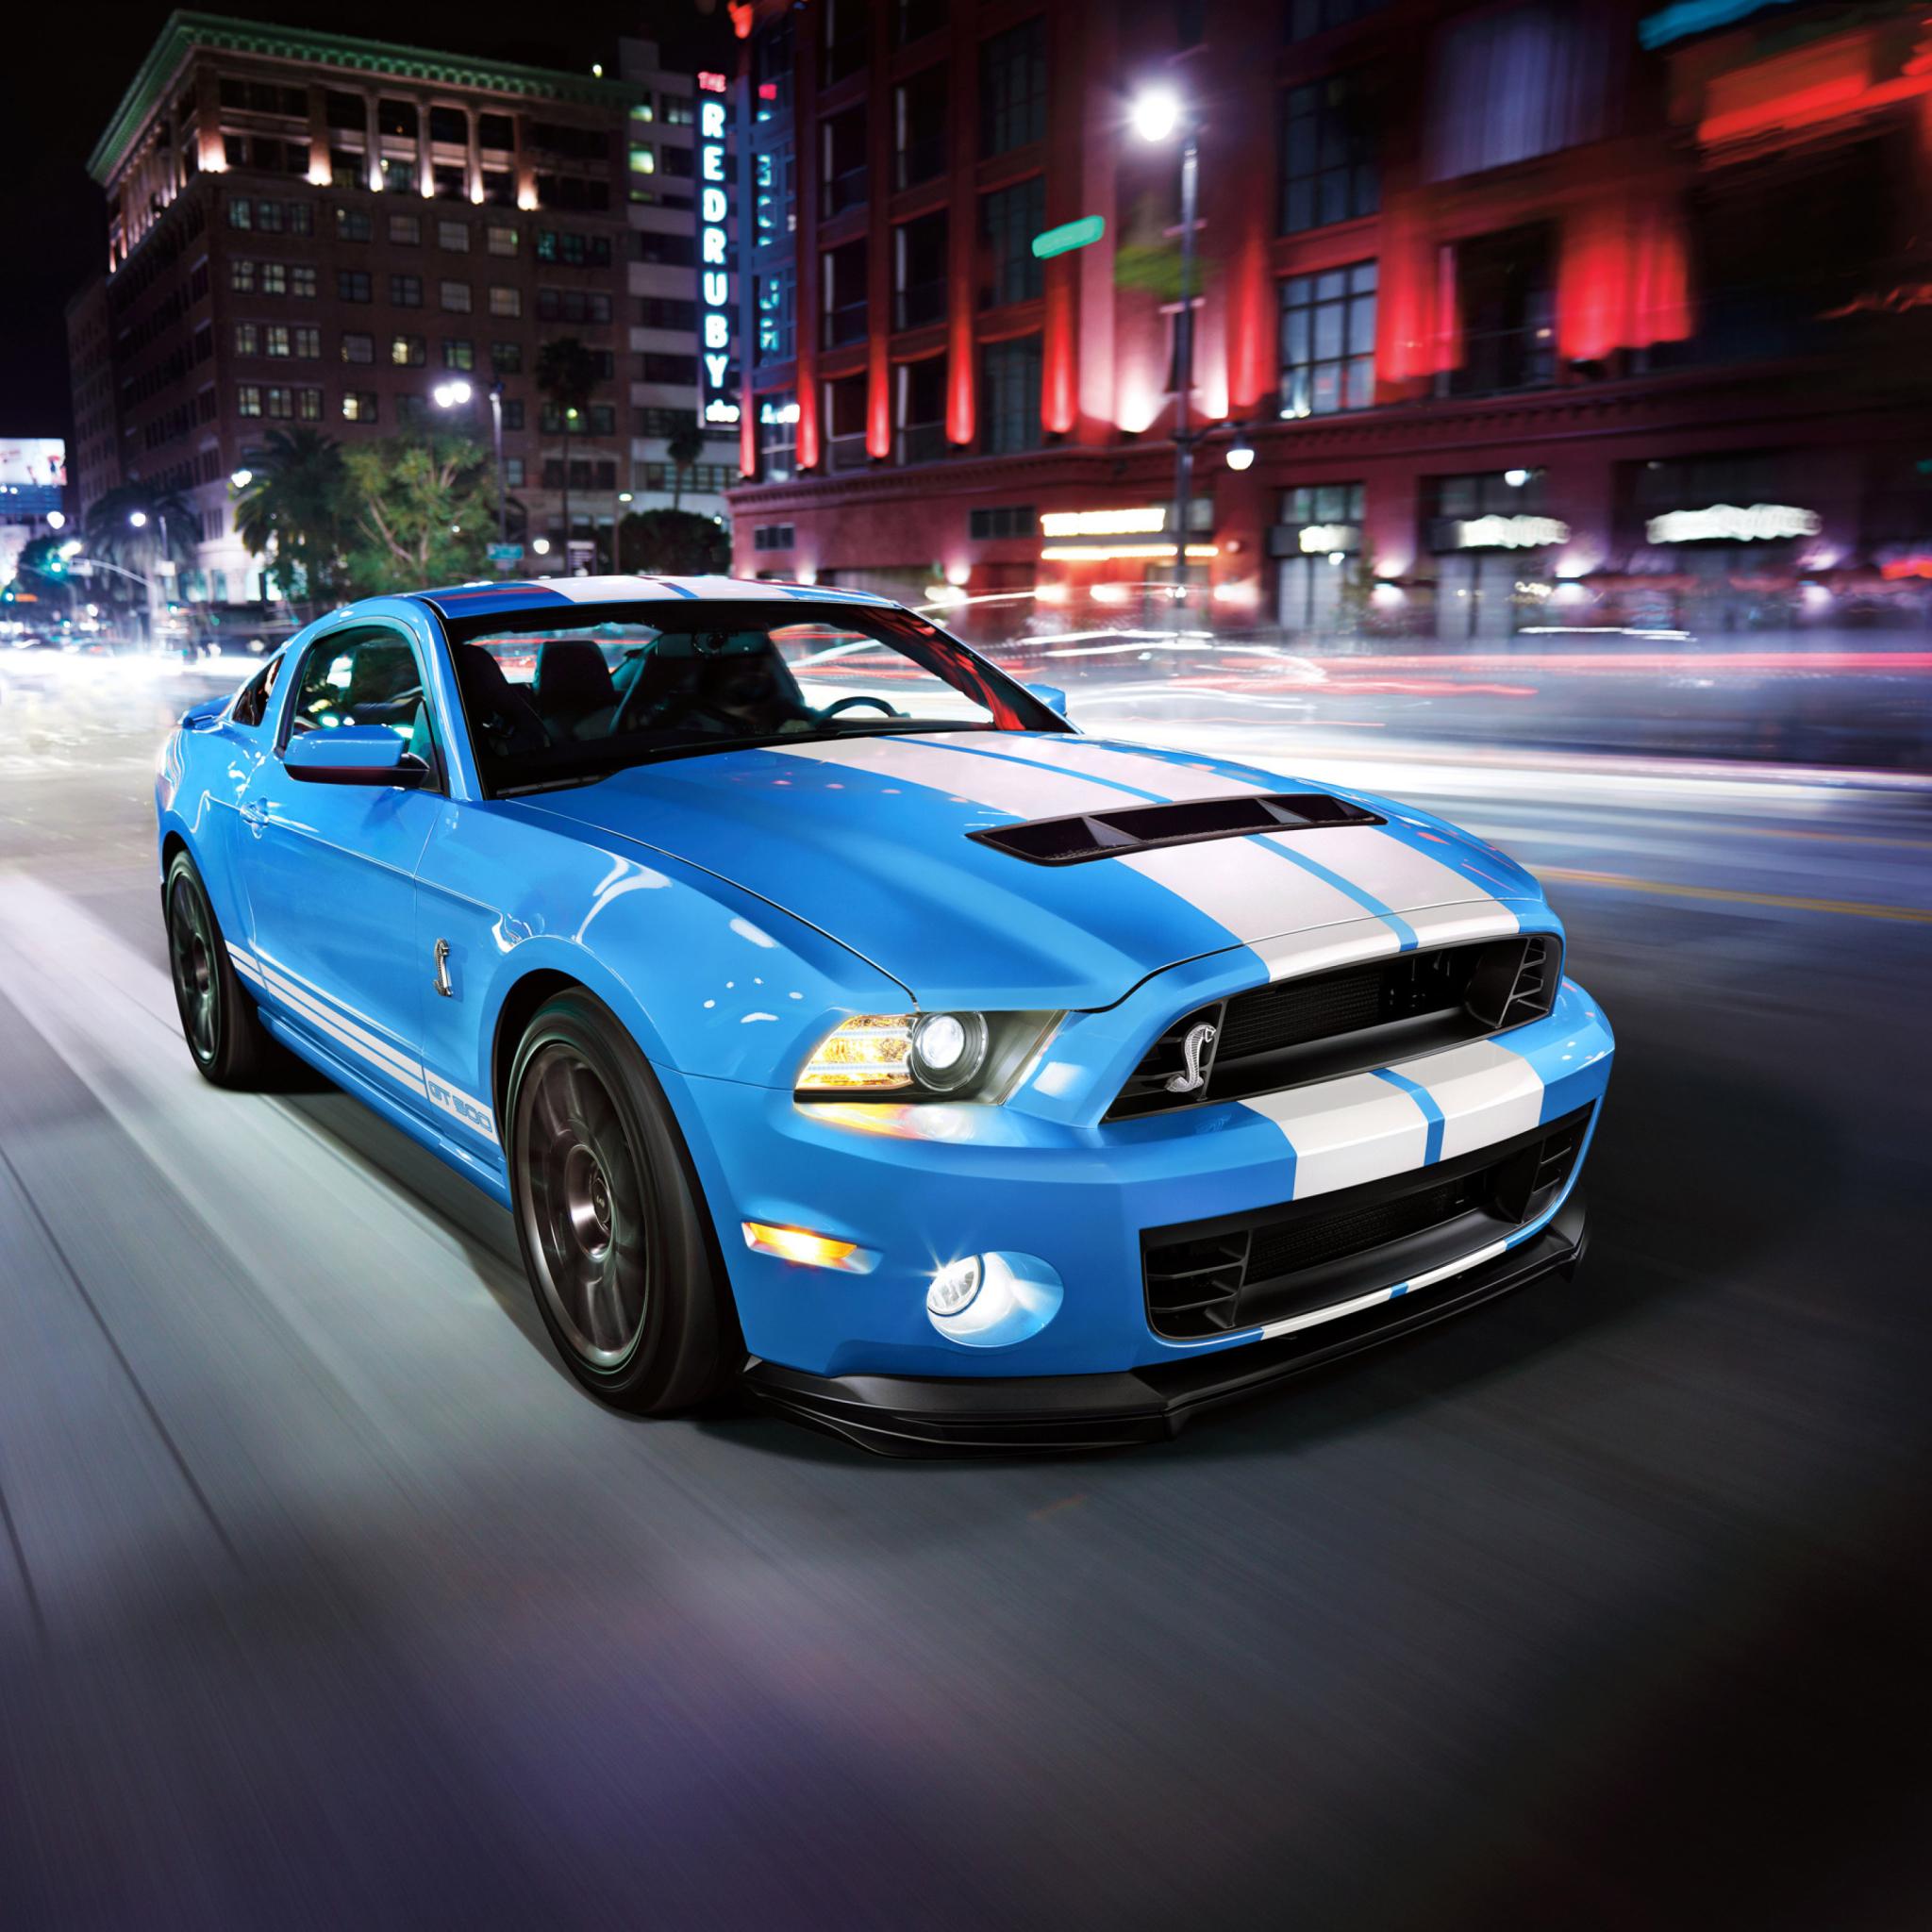 спортивный автомобиль Mustang Shelby GT500  № 2422166 бесплатно